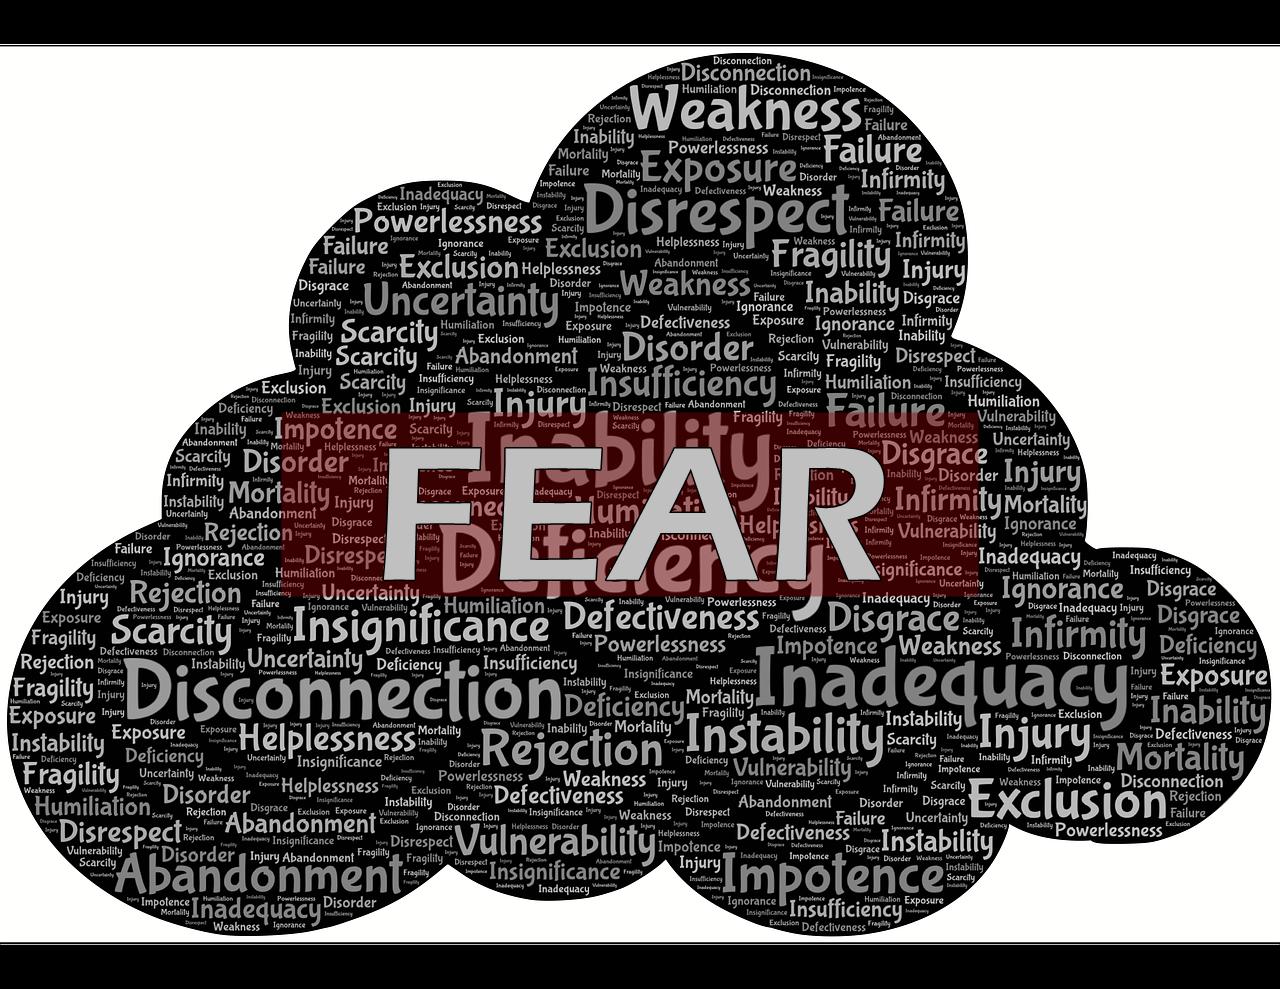 Teama de eșec